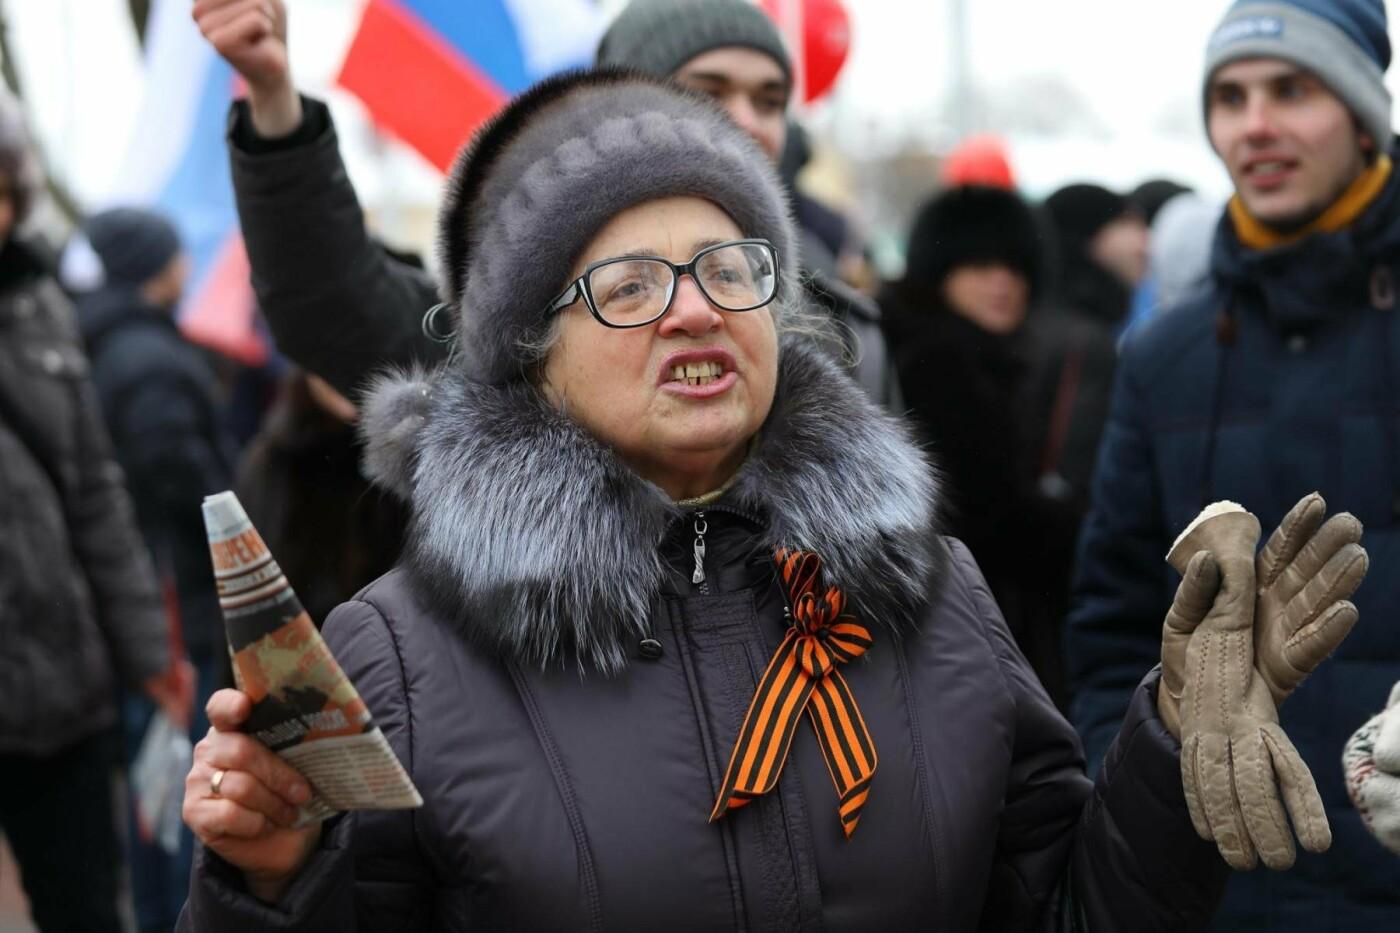 В Белгороде у Дома офицеров прошла «забастовка избирателей» — фоторепортаж, фото-42